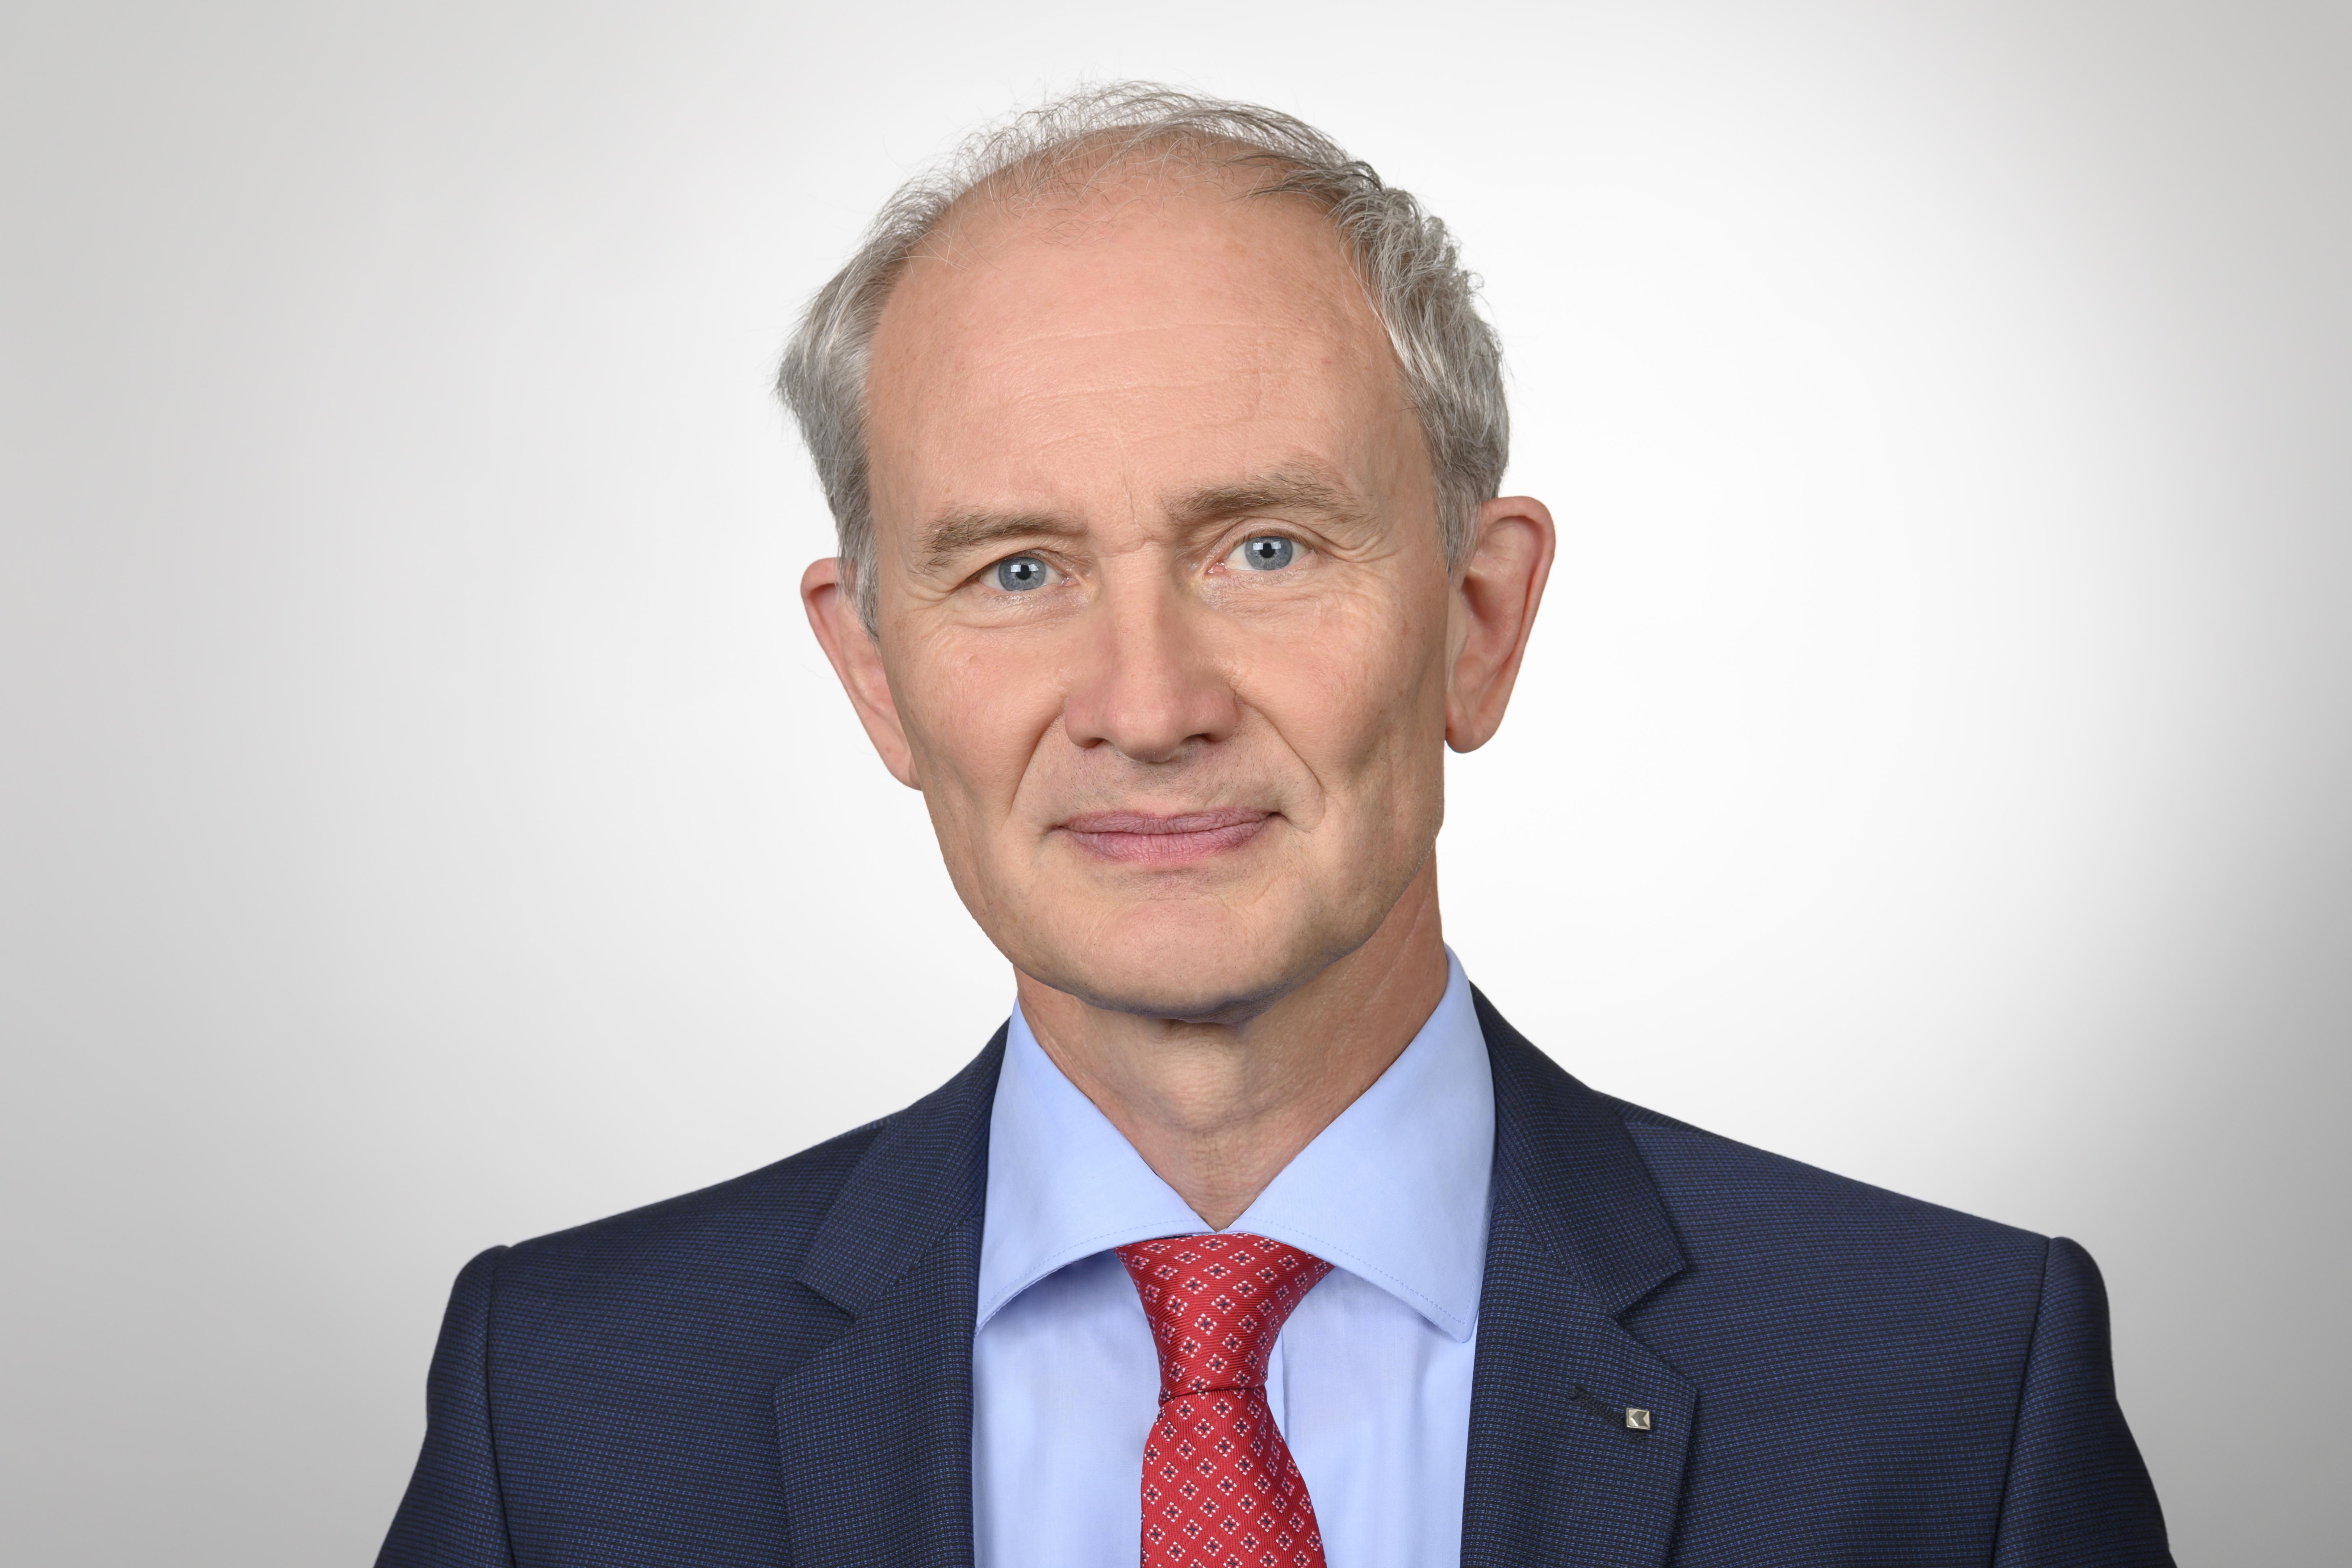 Prof. Dr. Urs Müller, Président de l'Union des Banques Cantonales Suisses (UBCS)